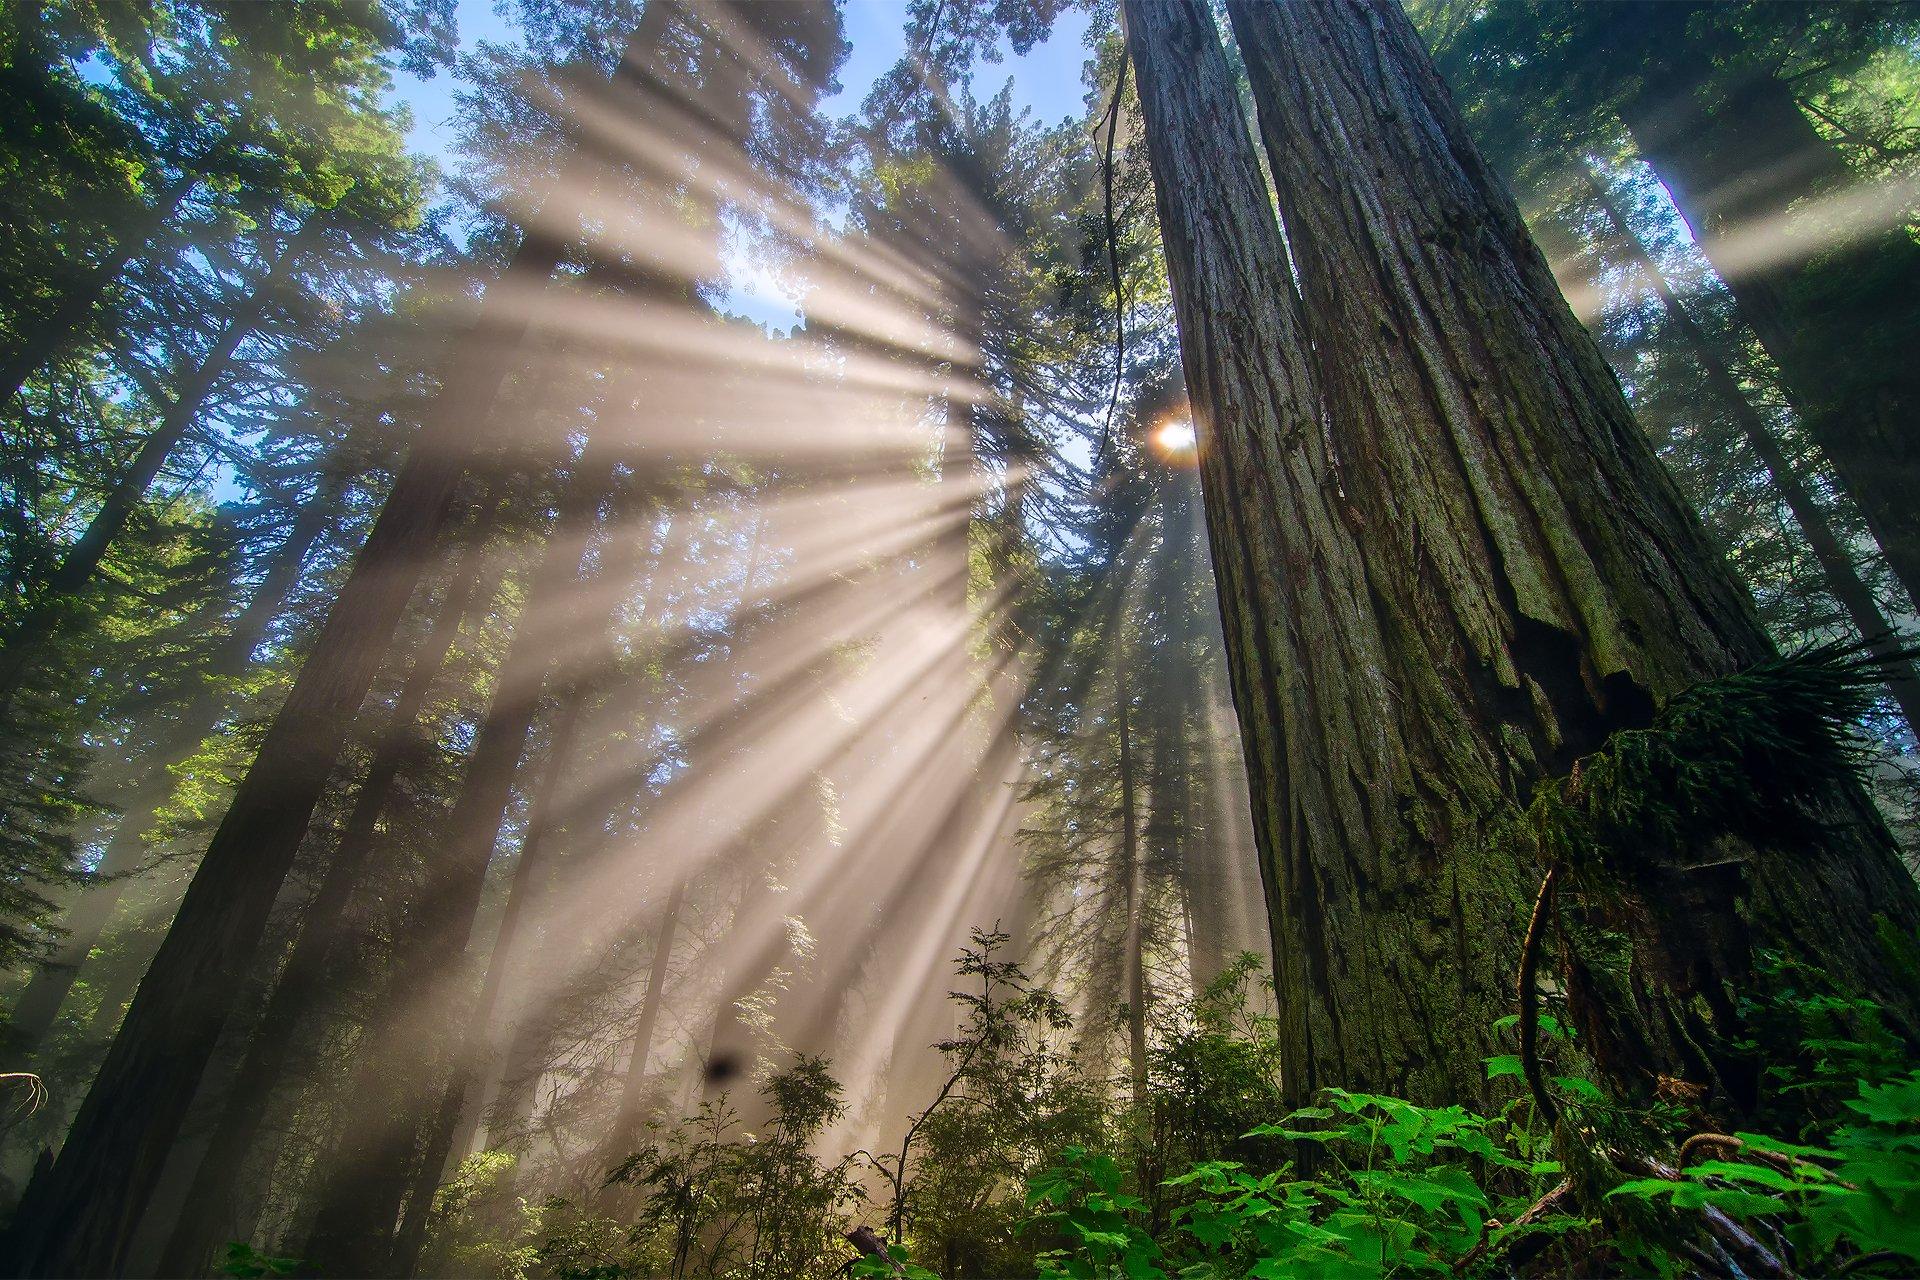 того, как фотографировать лучи света бригада вырубке деревьев